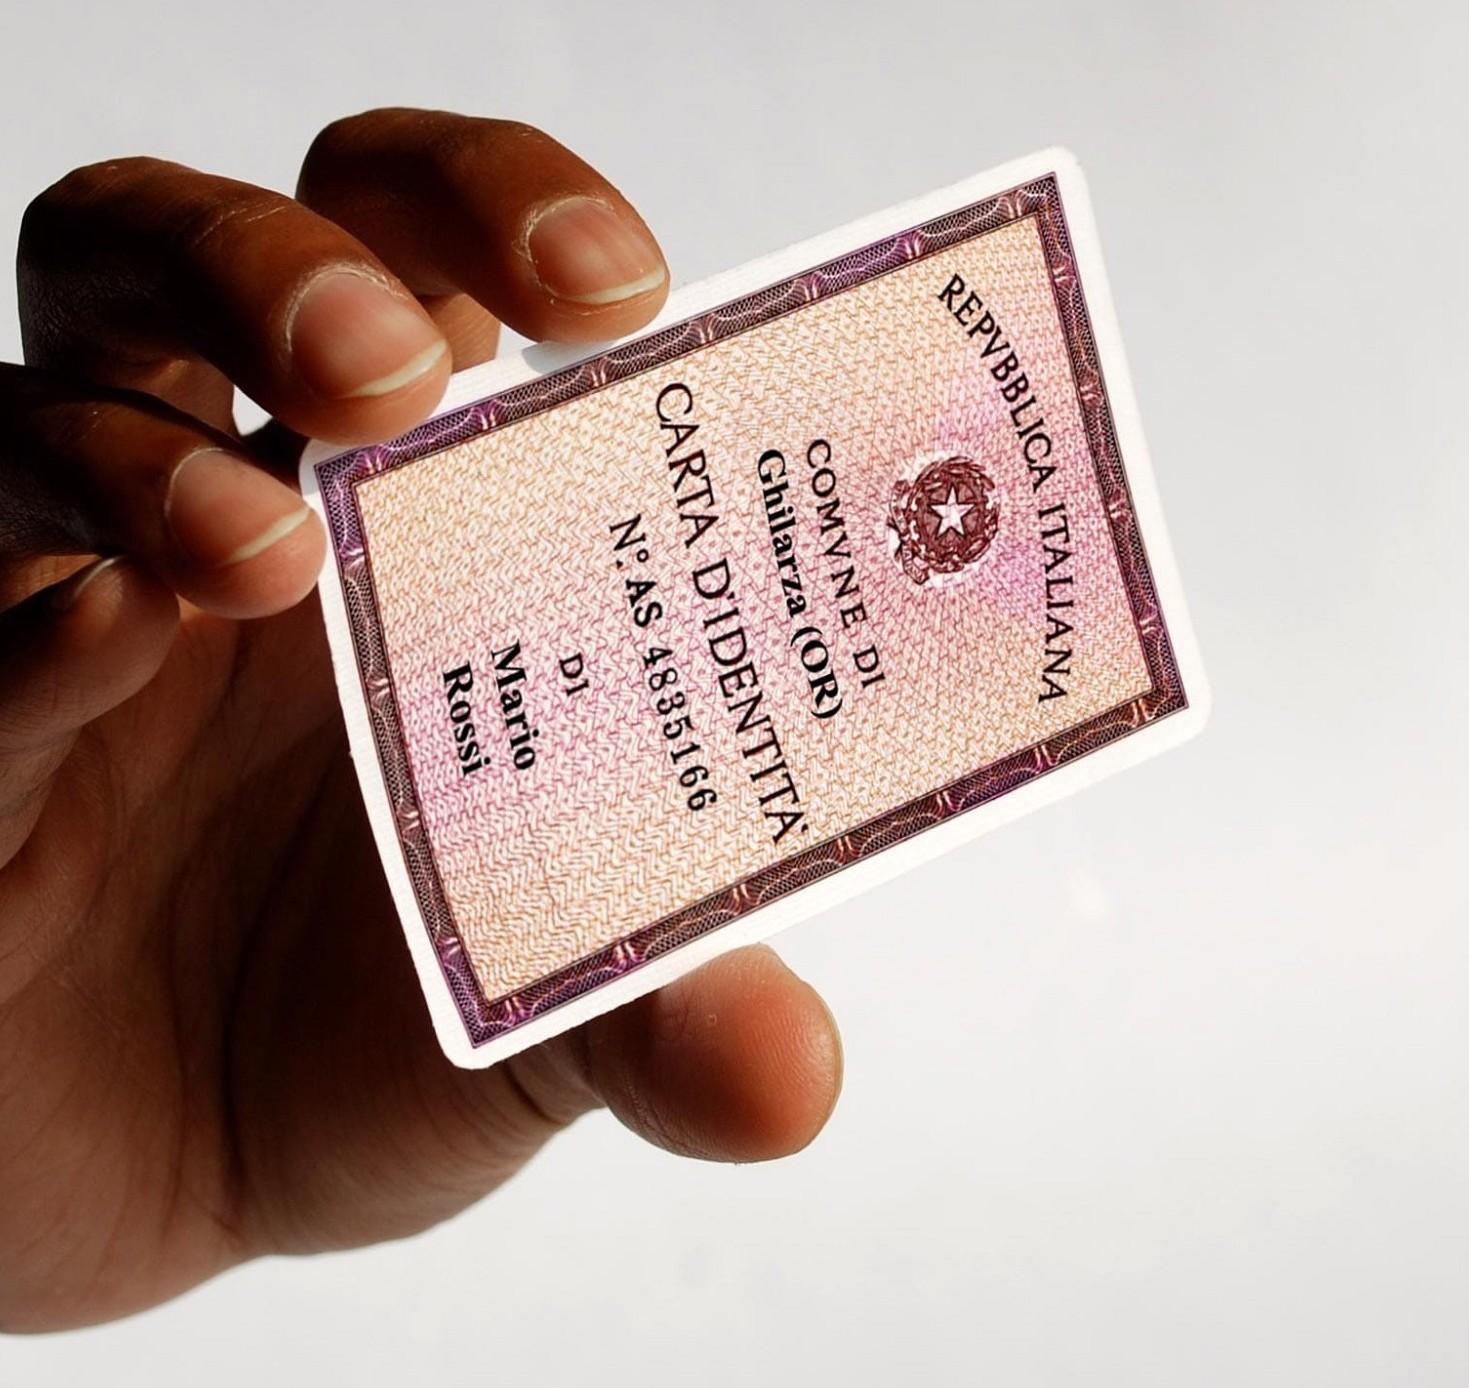 Carta identità rovinata quando è valida o no. Tutti i casi